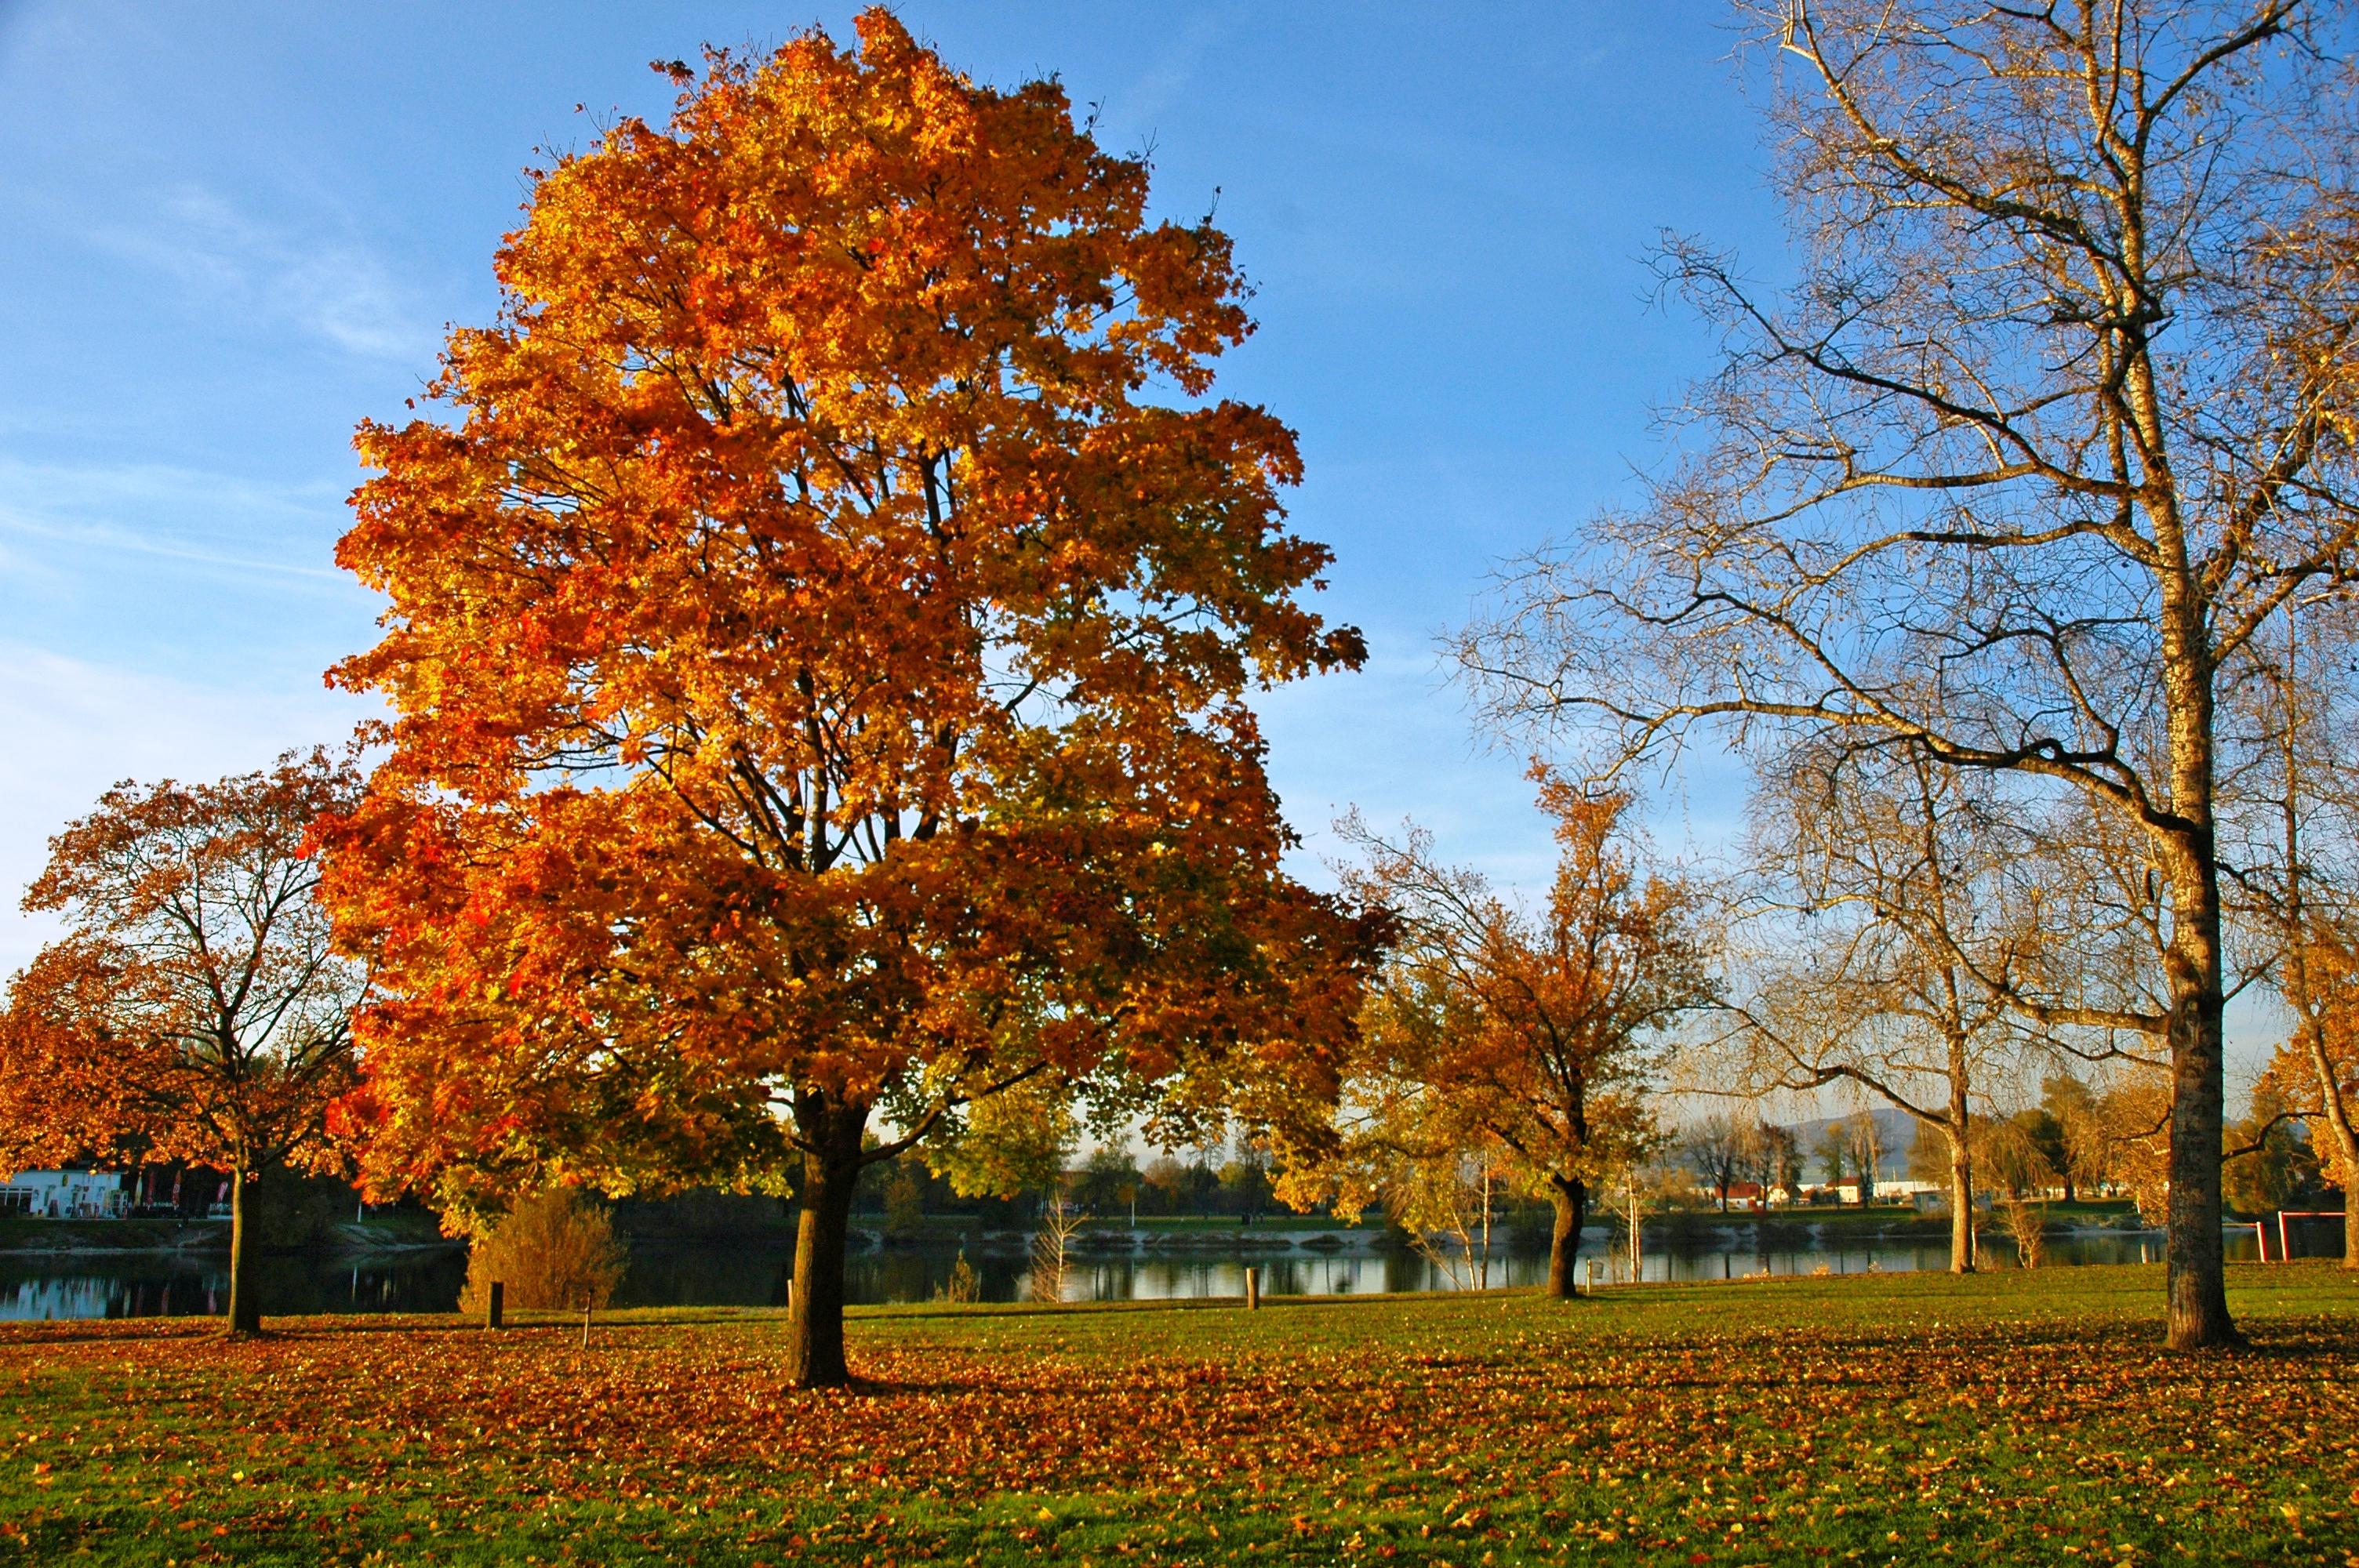 Wer malt im Herbst die Blätter bunt? | Industrieverband Agrar